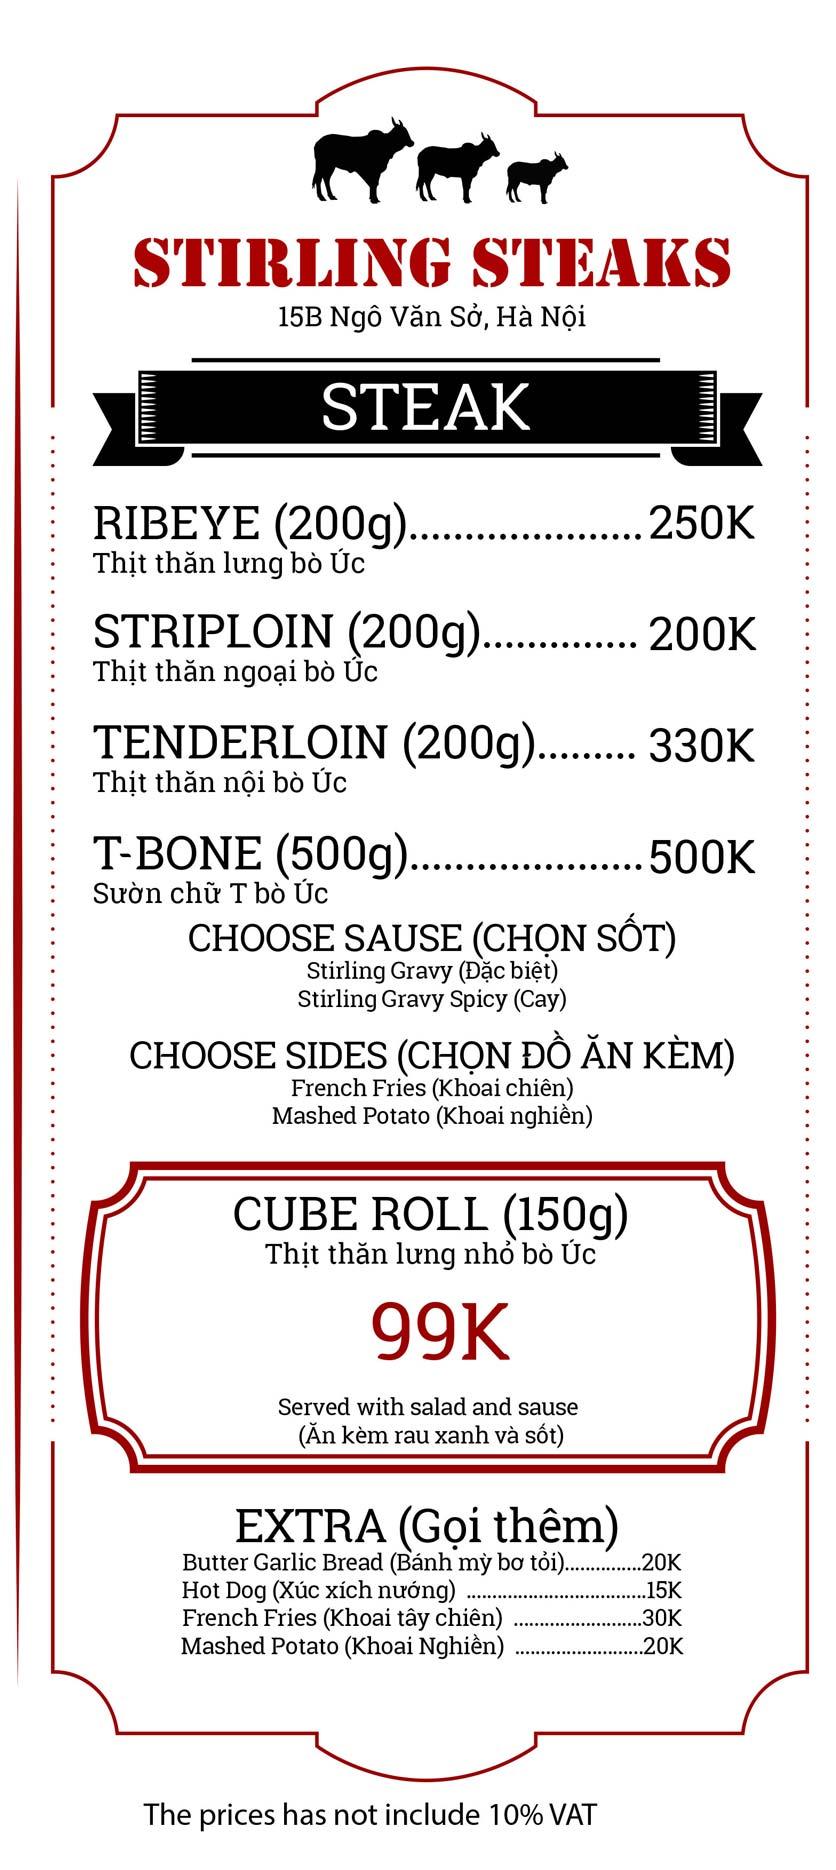 Menu Stirling Steaks Vietnam - Ngô Văn Sở 3